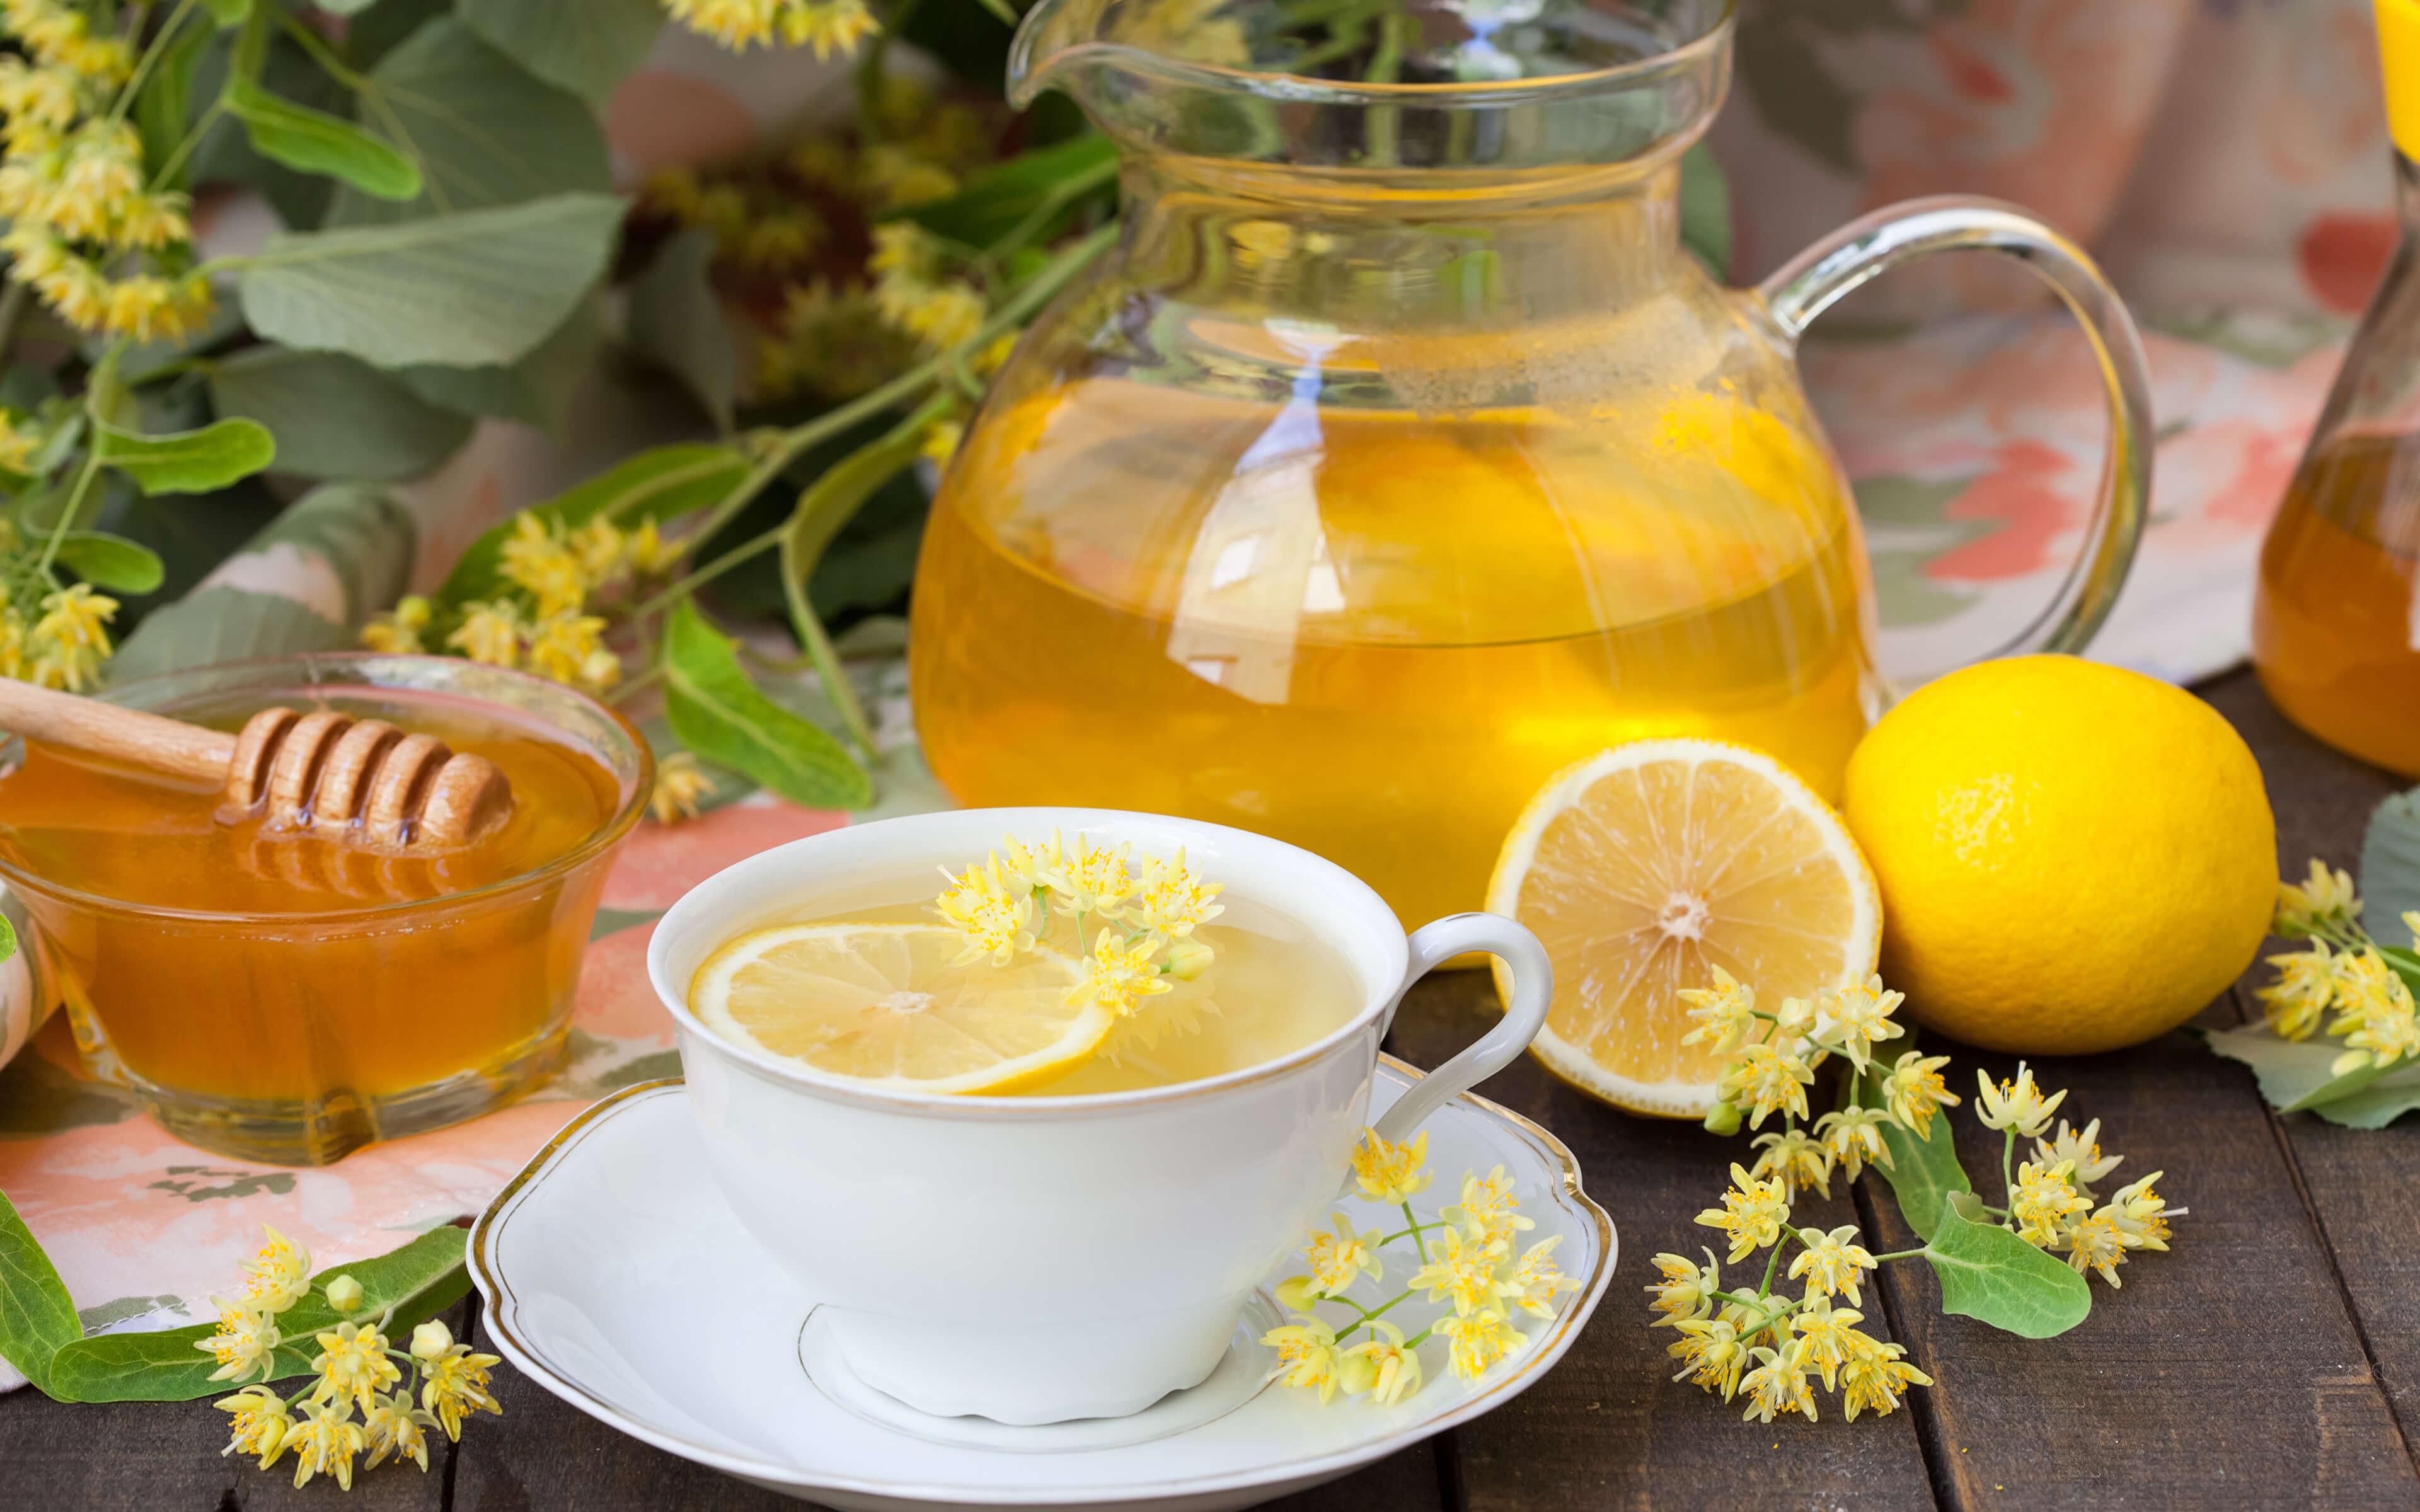 Полезная альтернатива сахару - мёд